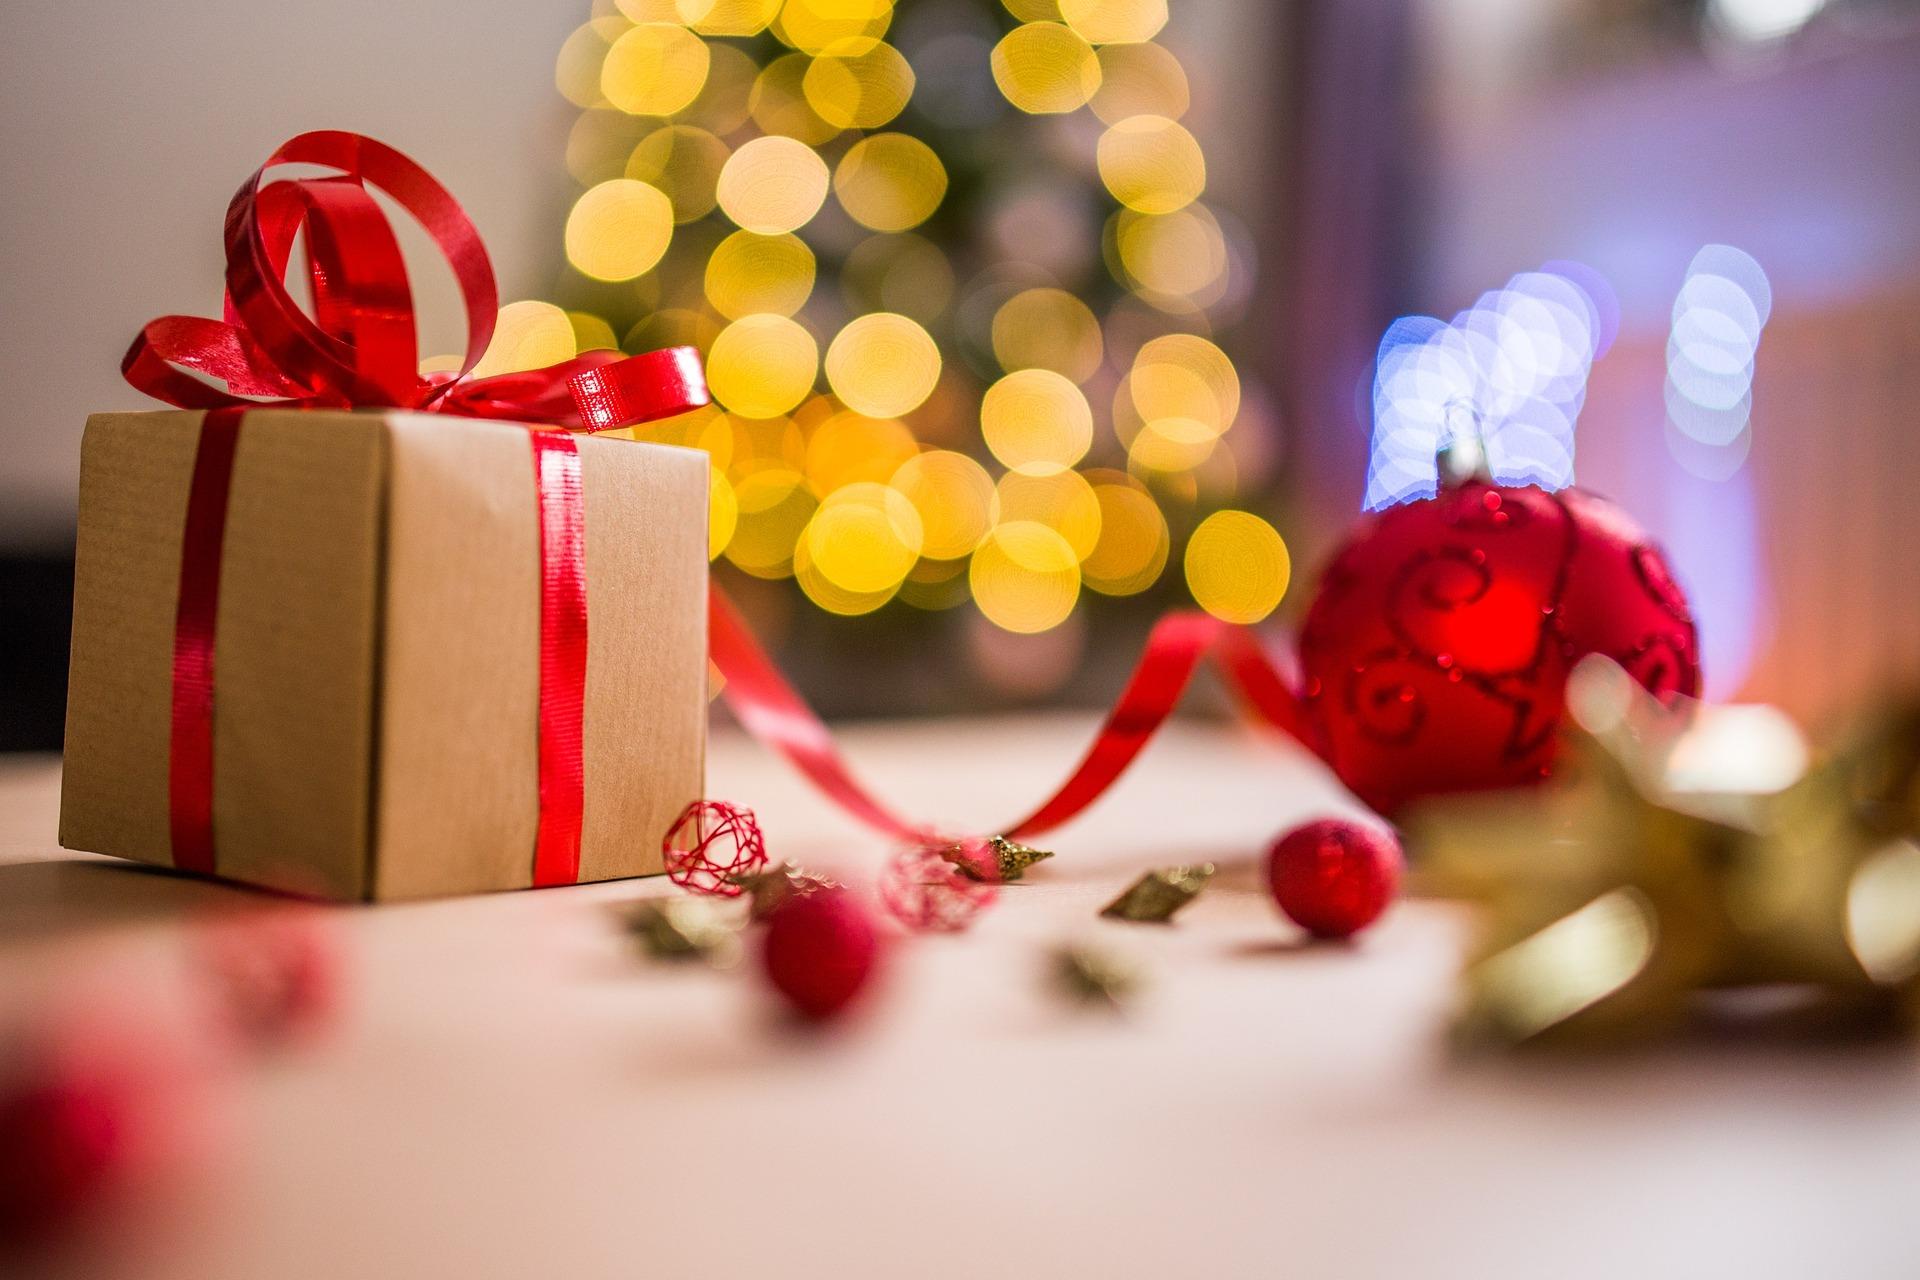 Geschenk-Ideen für Studenten zu Weihnachten | Studentengeschenke.de